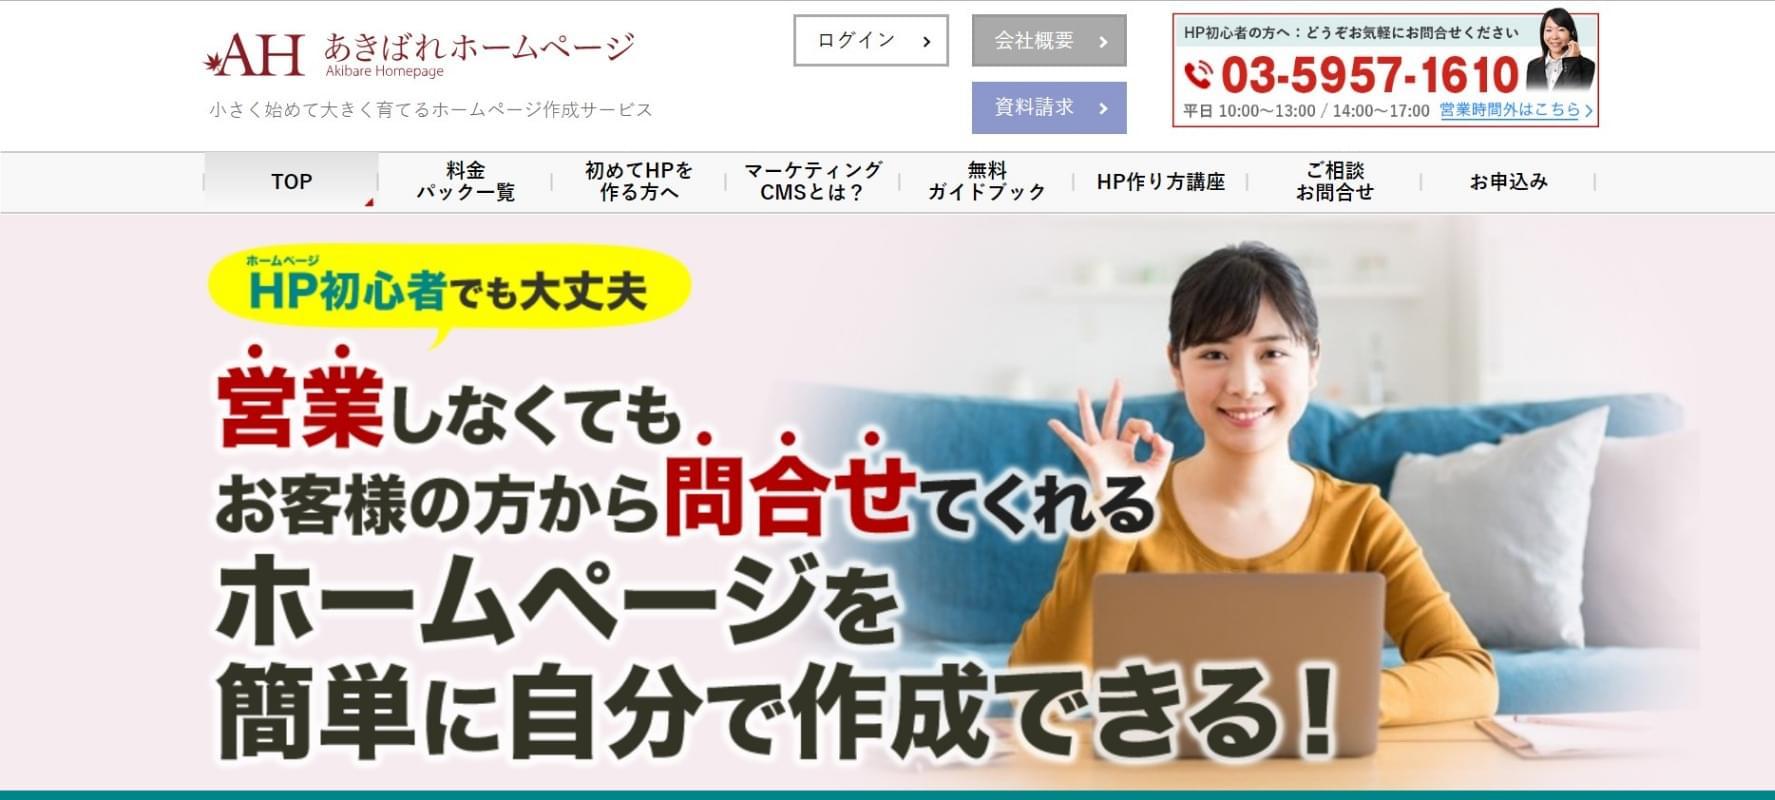 あきばれホームページ①